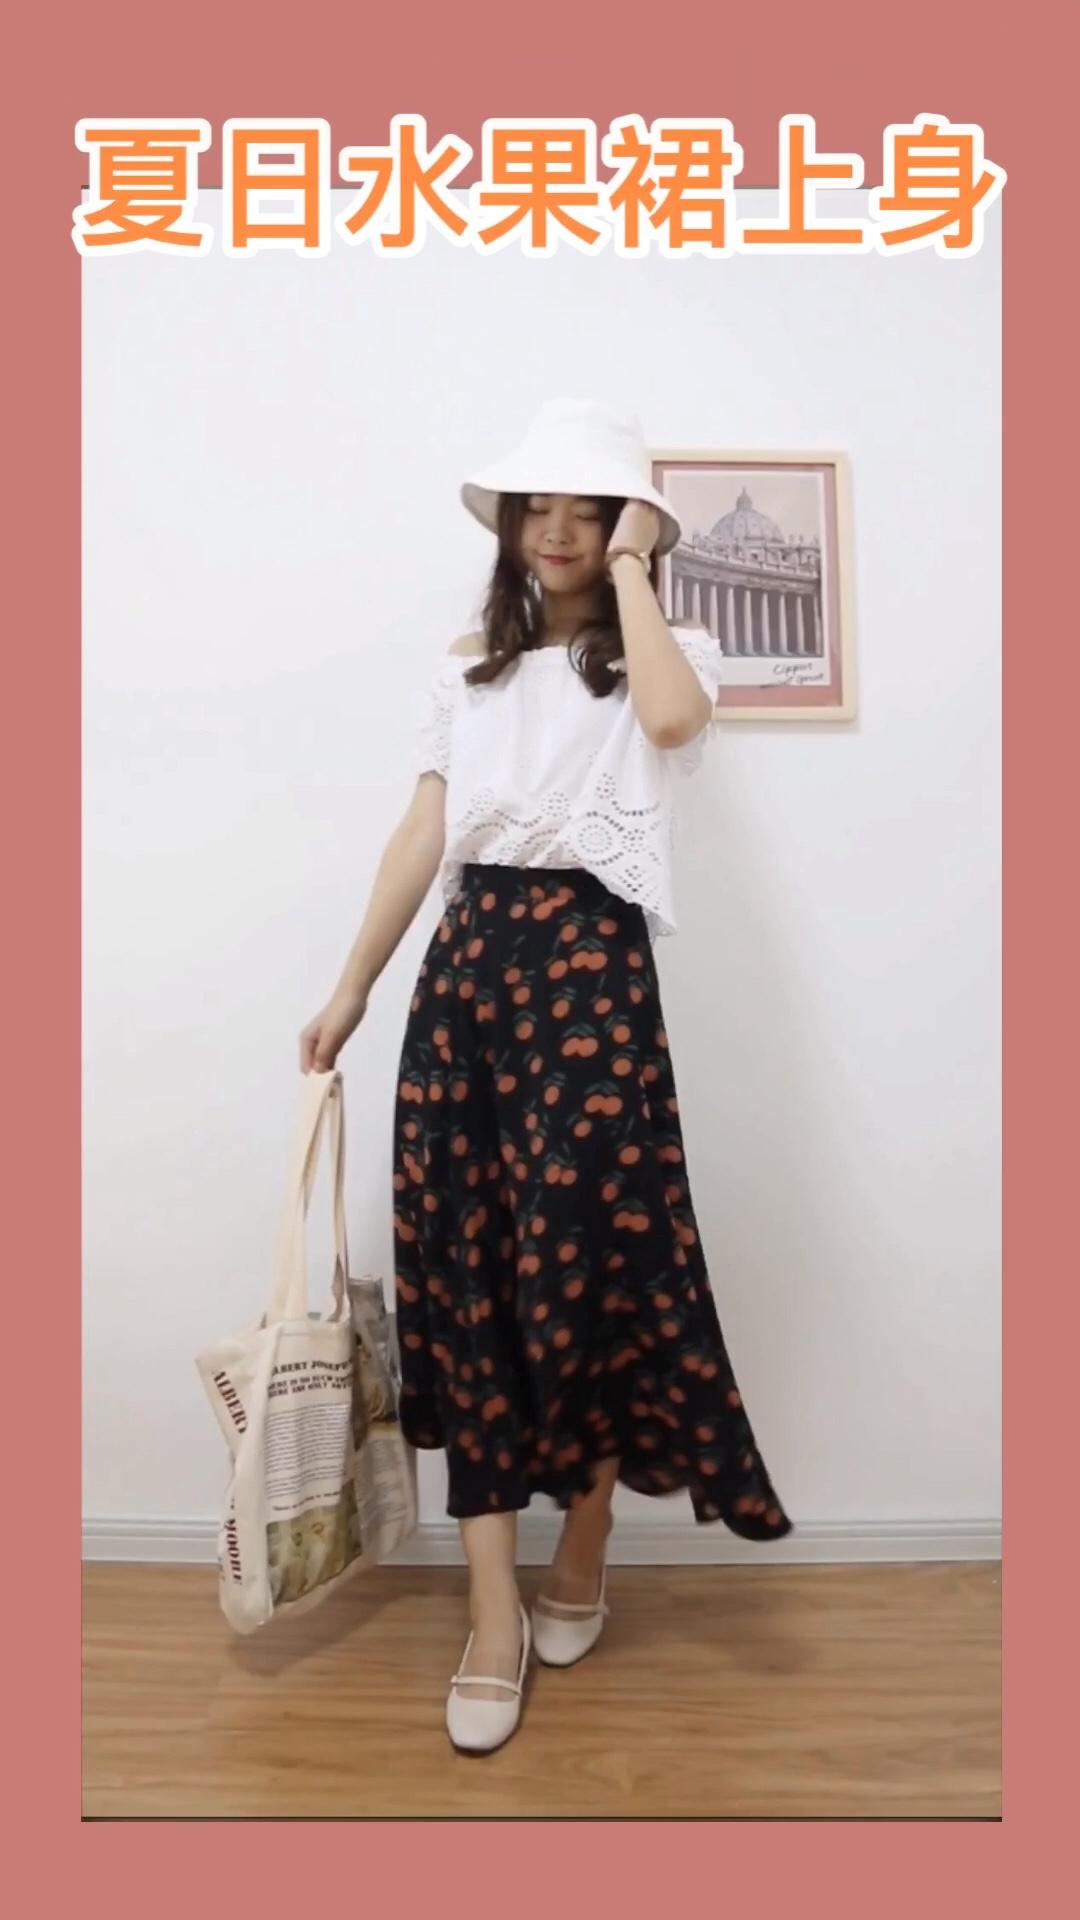 #减肥太难了,显瘦穿搭Help me!# 解暑的甜甜水果裙来啦! 橘子花色很可爱,很显白。 一字领的蕾丝上衣有一点度假风,甜甜的感觉,超级百搭,拯救衣橱下装系列。